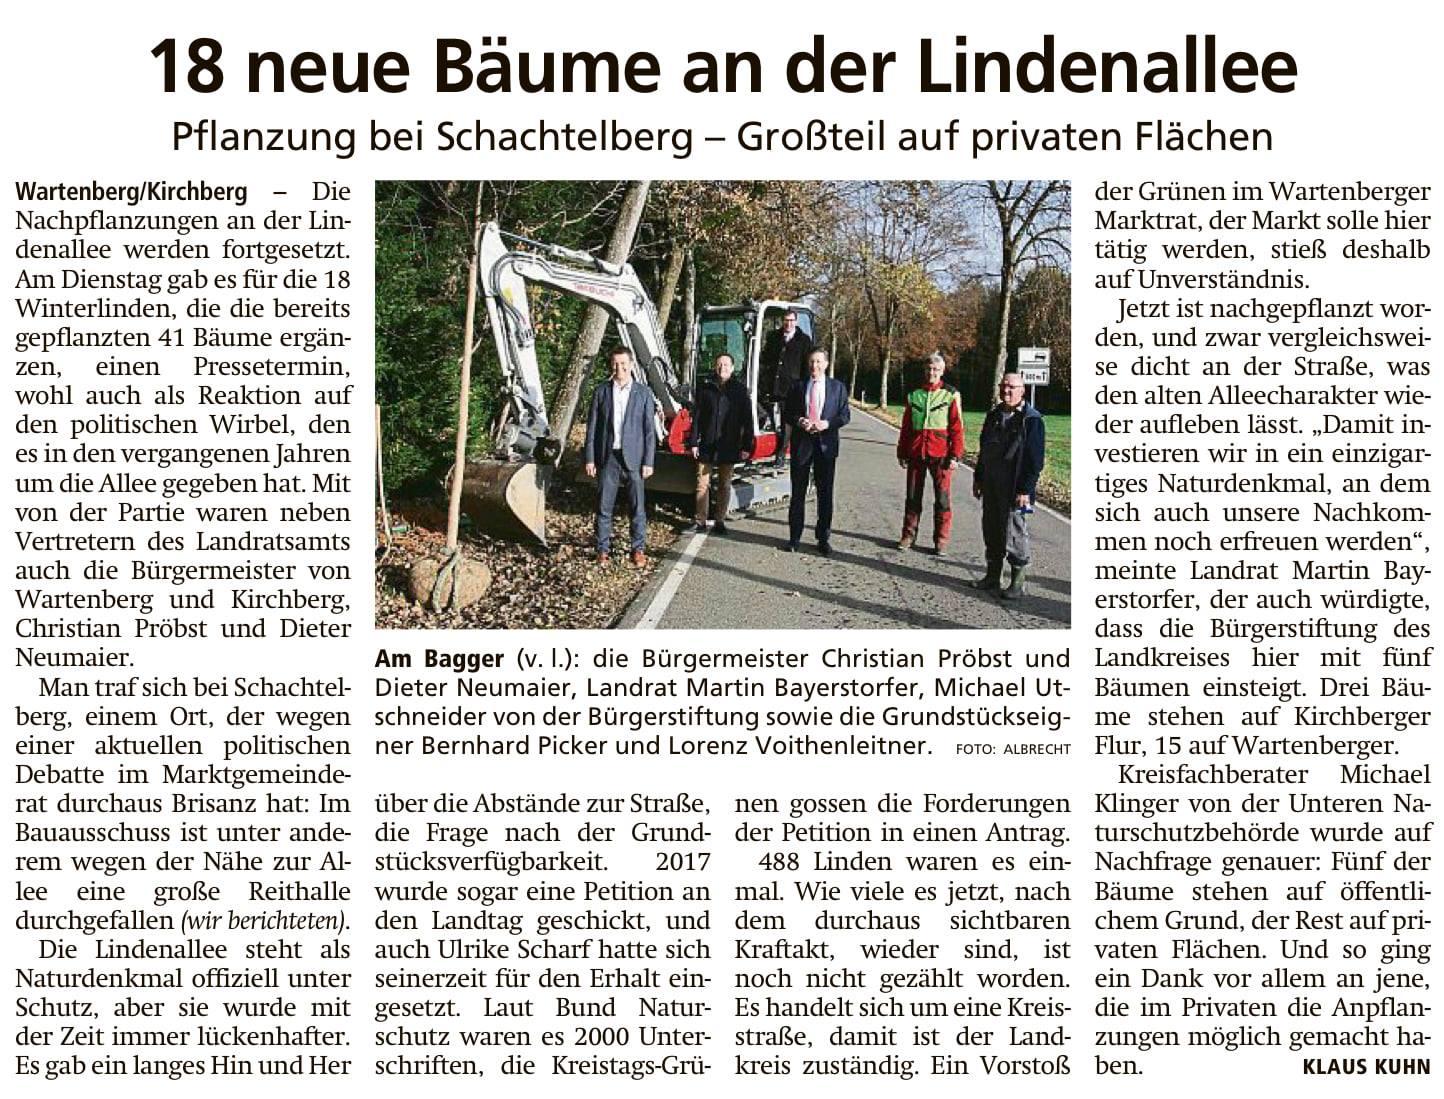 """""""Fünf Linden für die Lindenallee zwischen Wartenberg und Kirchberg – Kulturlandschaft und Naturschutz."""""""